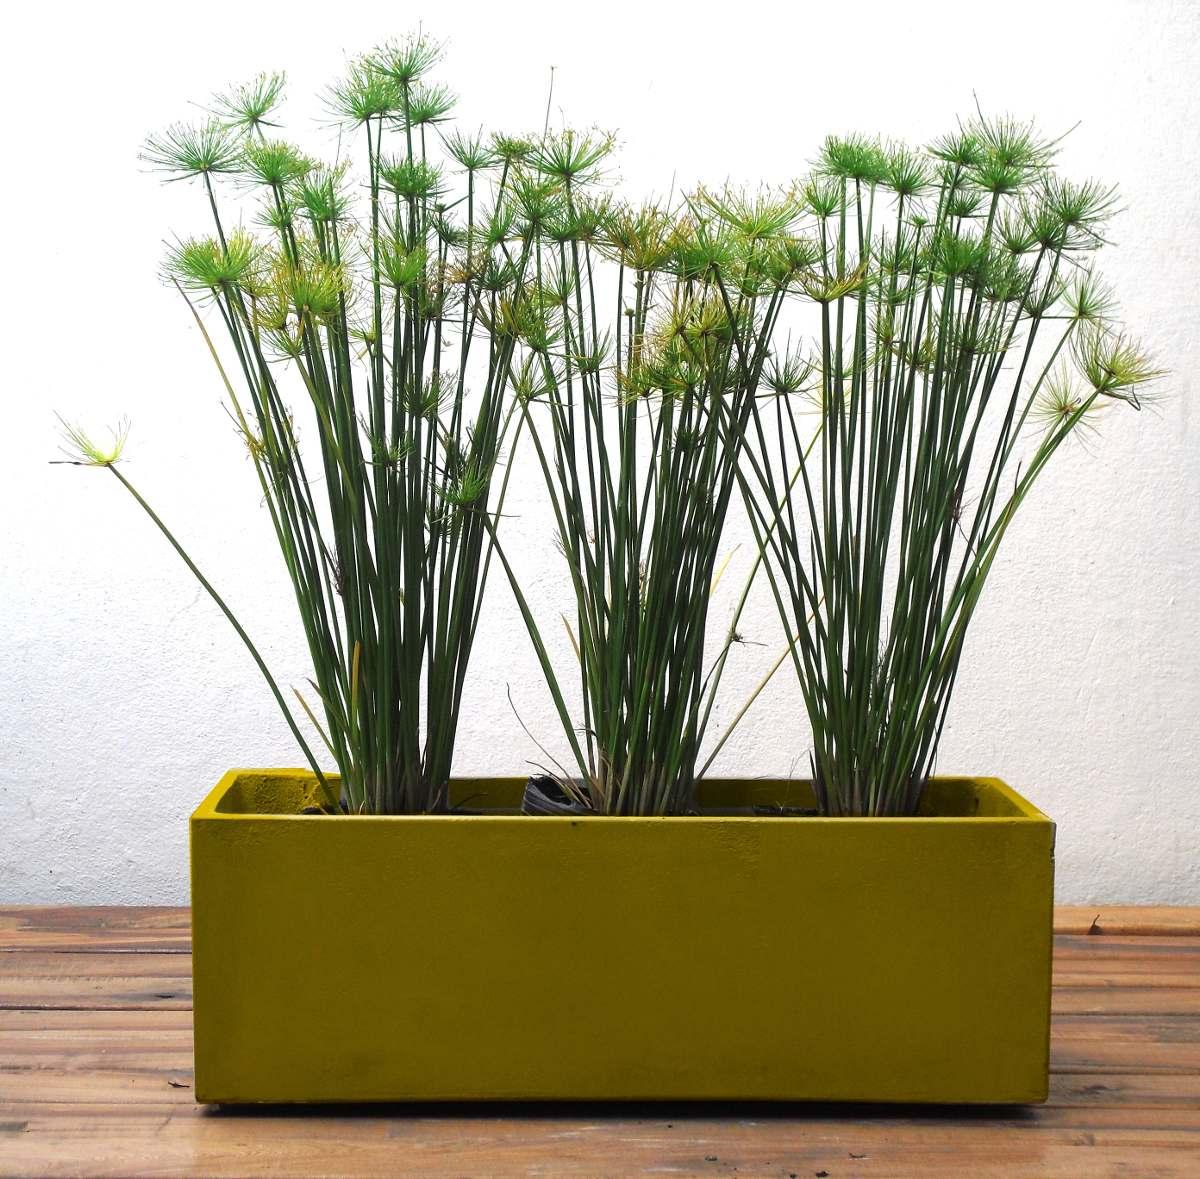 Soportes para macetas y jardineras macetas de autorriego - Soporte macetas ikea ...